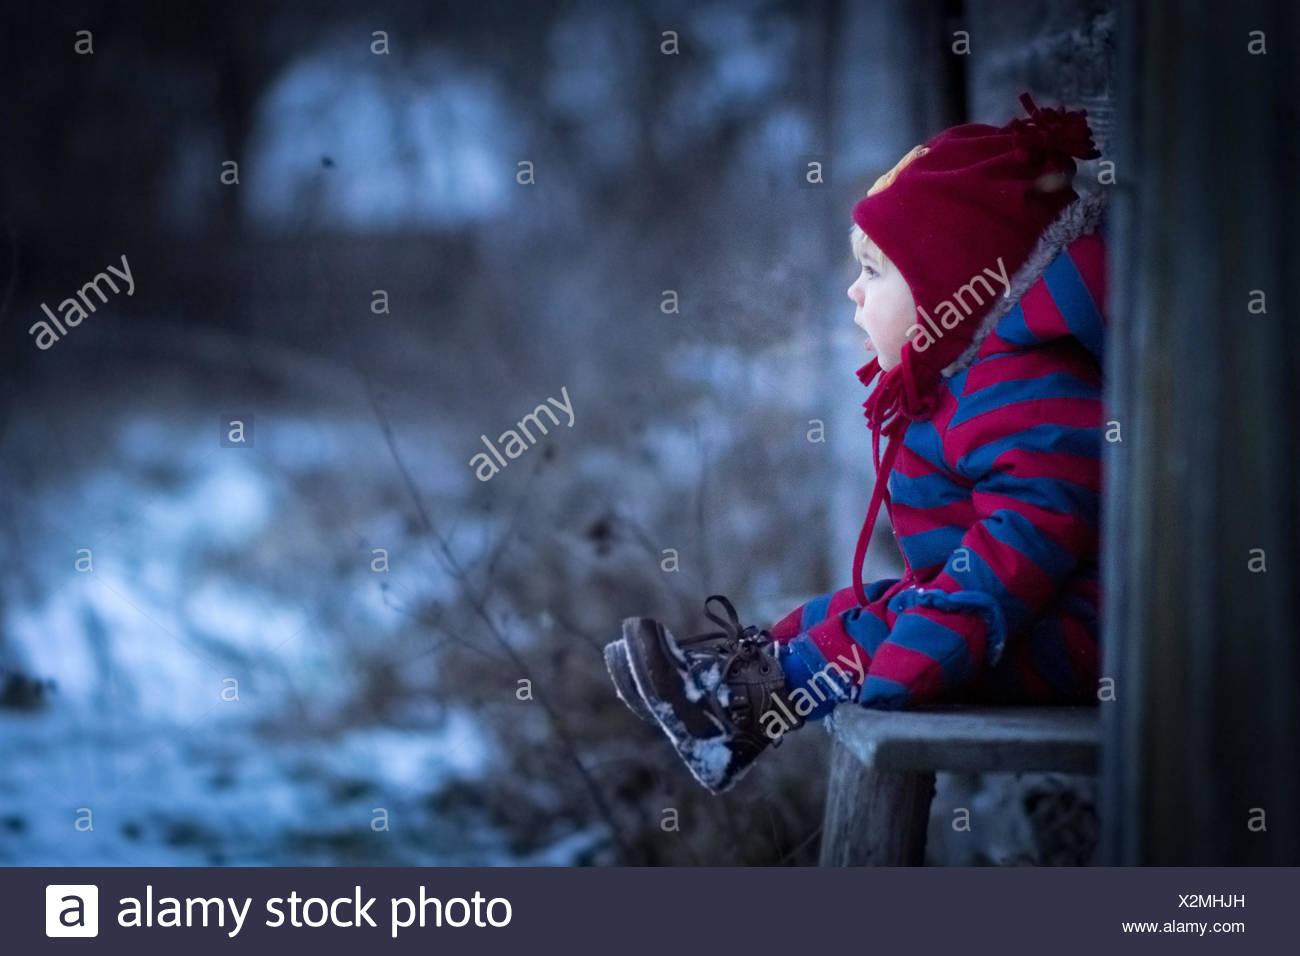 Joven sentado en un banco fuera Imagen De Stock